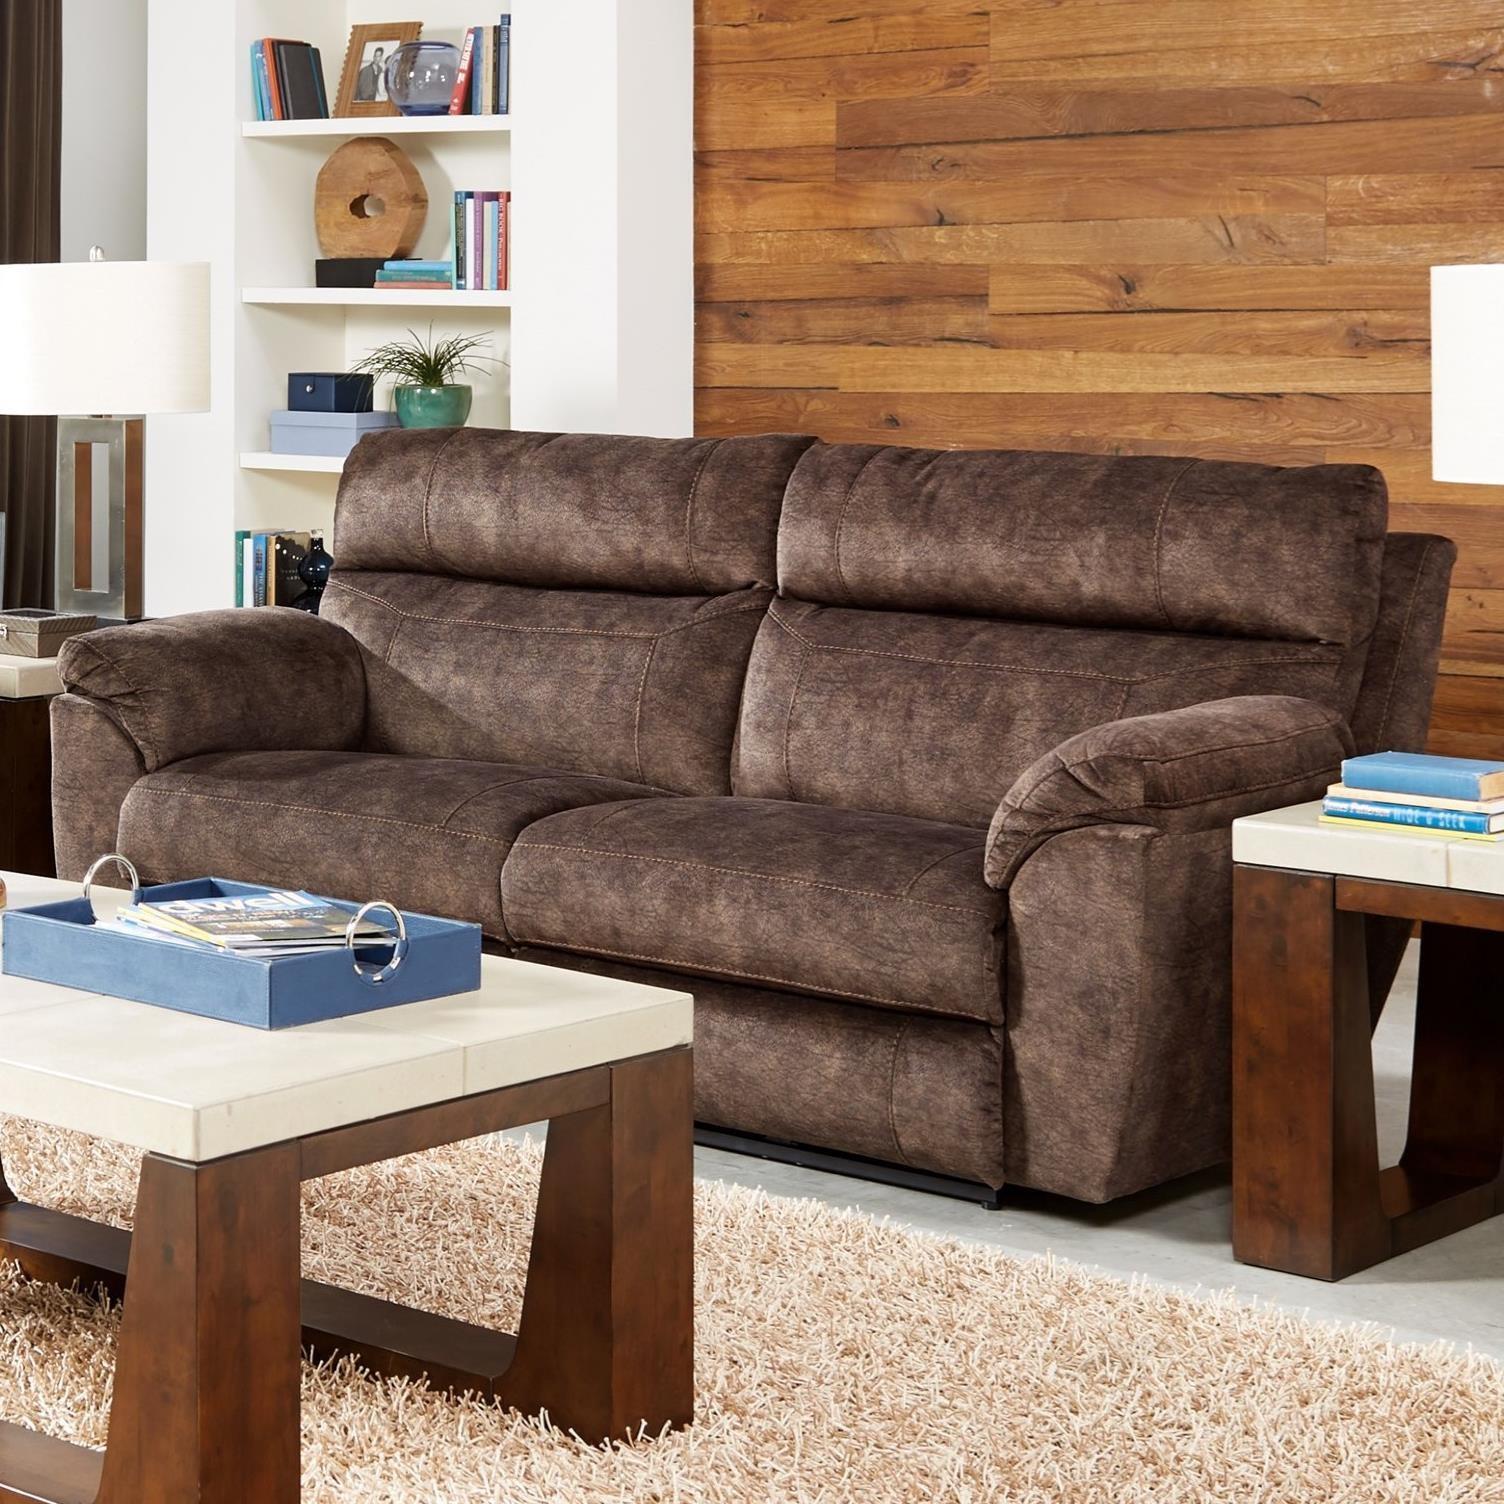 Catnapper Sedona Power Lay Flat Reclining Sofa With Power